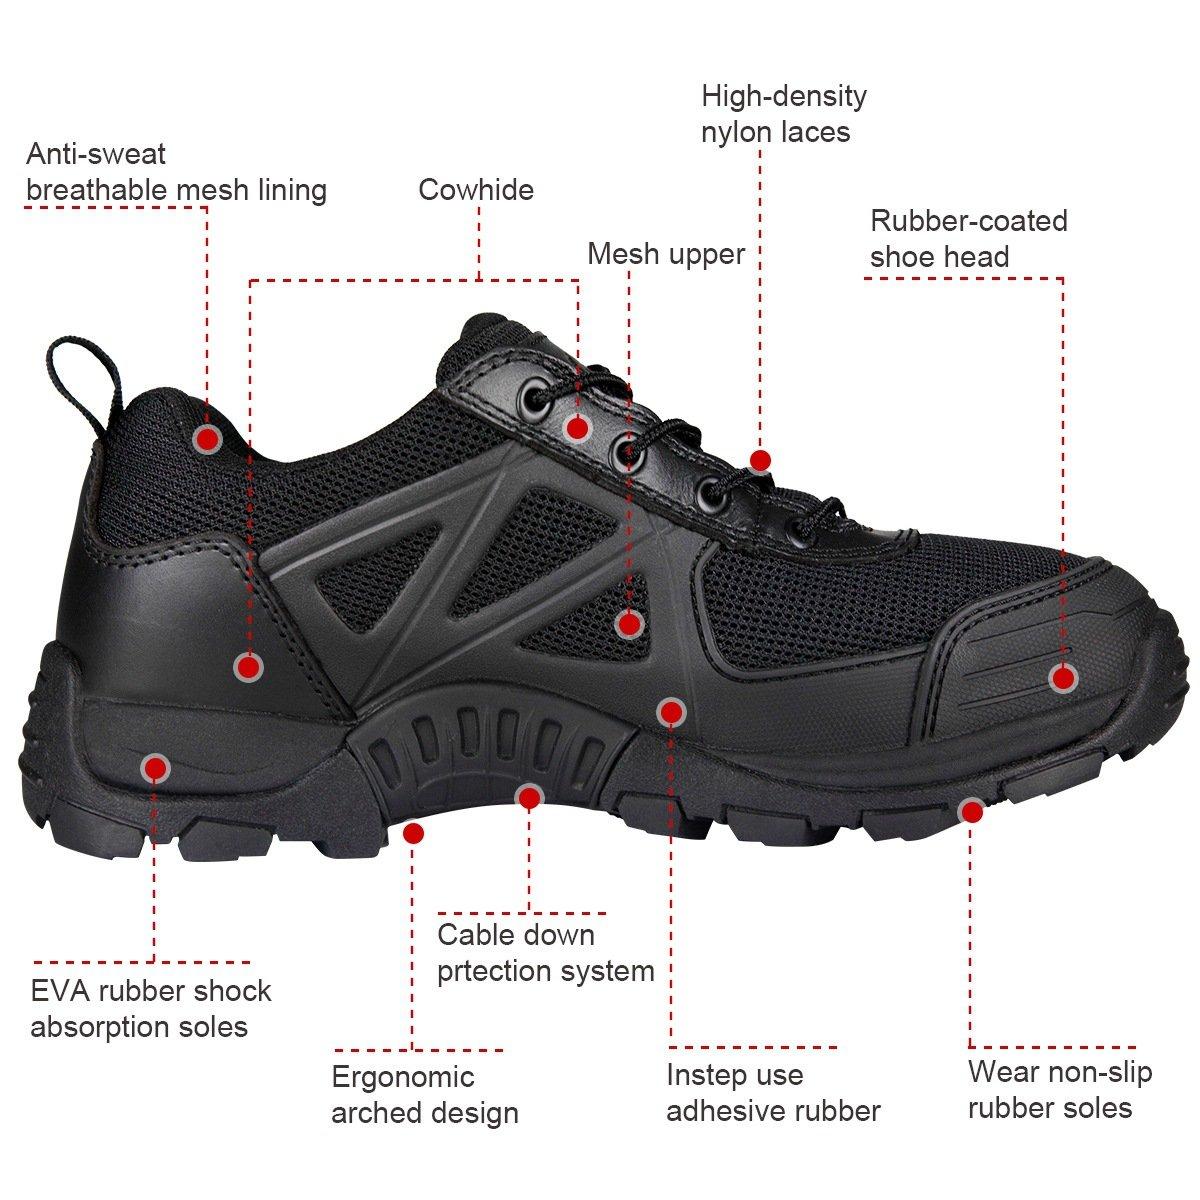 FREE SOLDIER Tactical Desierto Zapatos Rápido Antideslizante Camping Senderismo Montaña Todo Terreno Off-Road Zapatos: Amazon.es: Deportes y aire libre